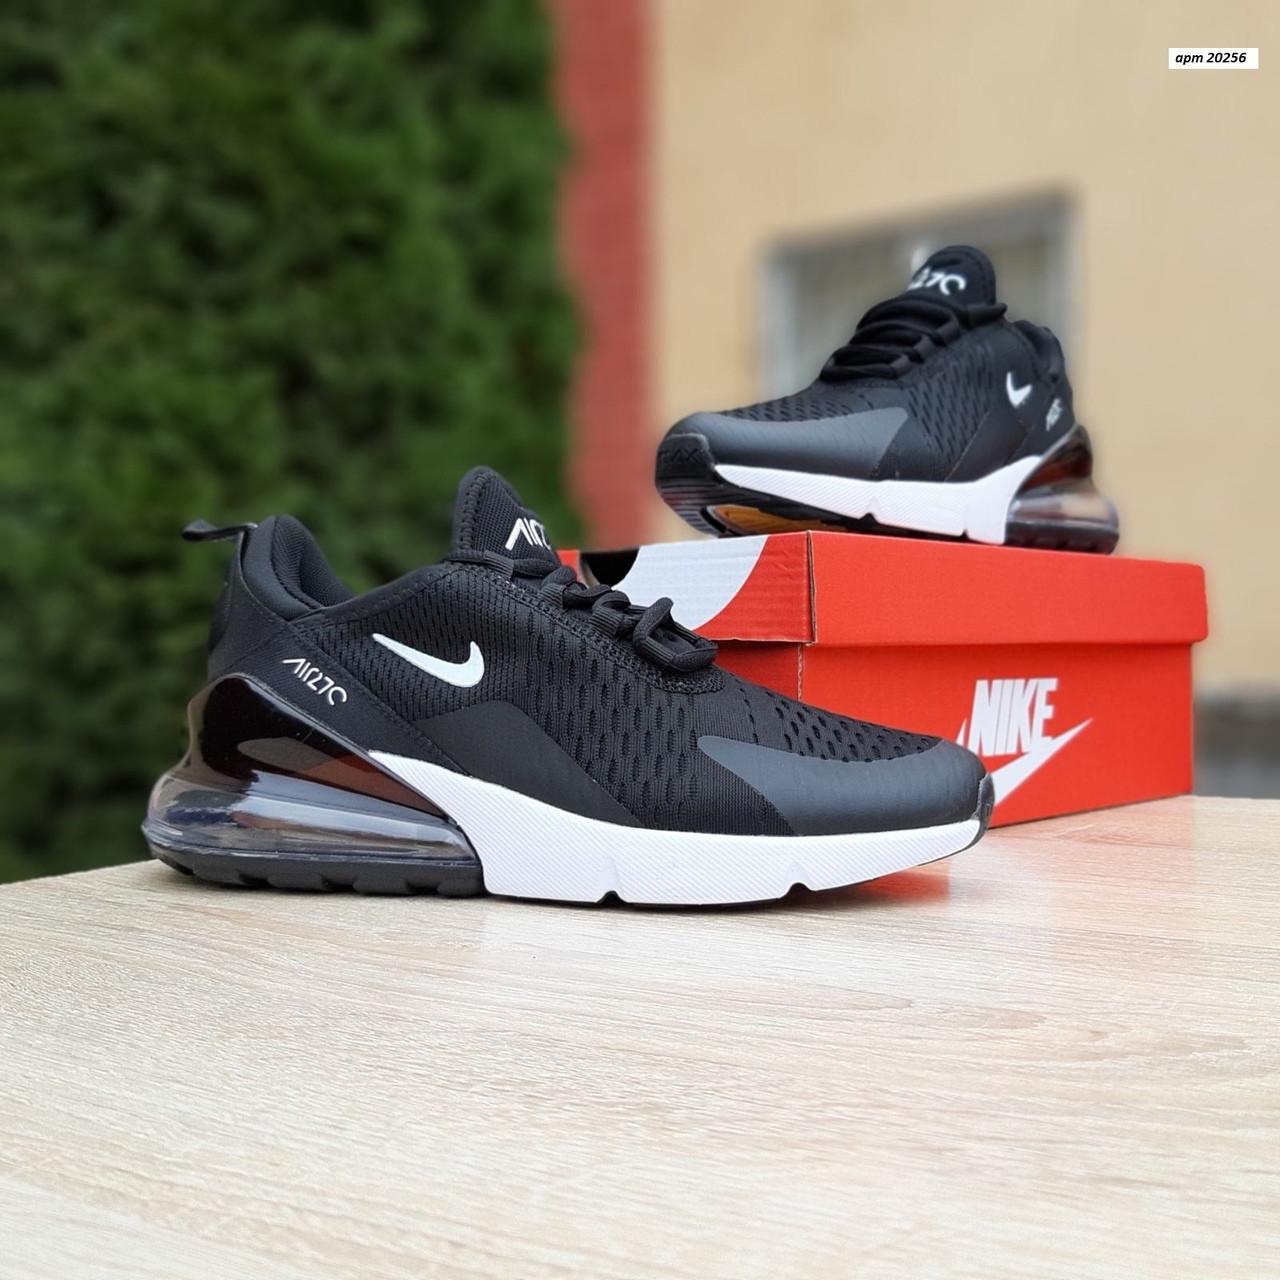 Женские кроссовки Nike Air Max 270 (черно-белые) 20256